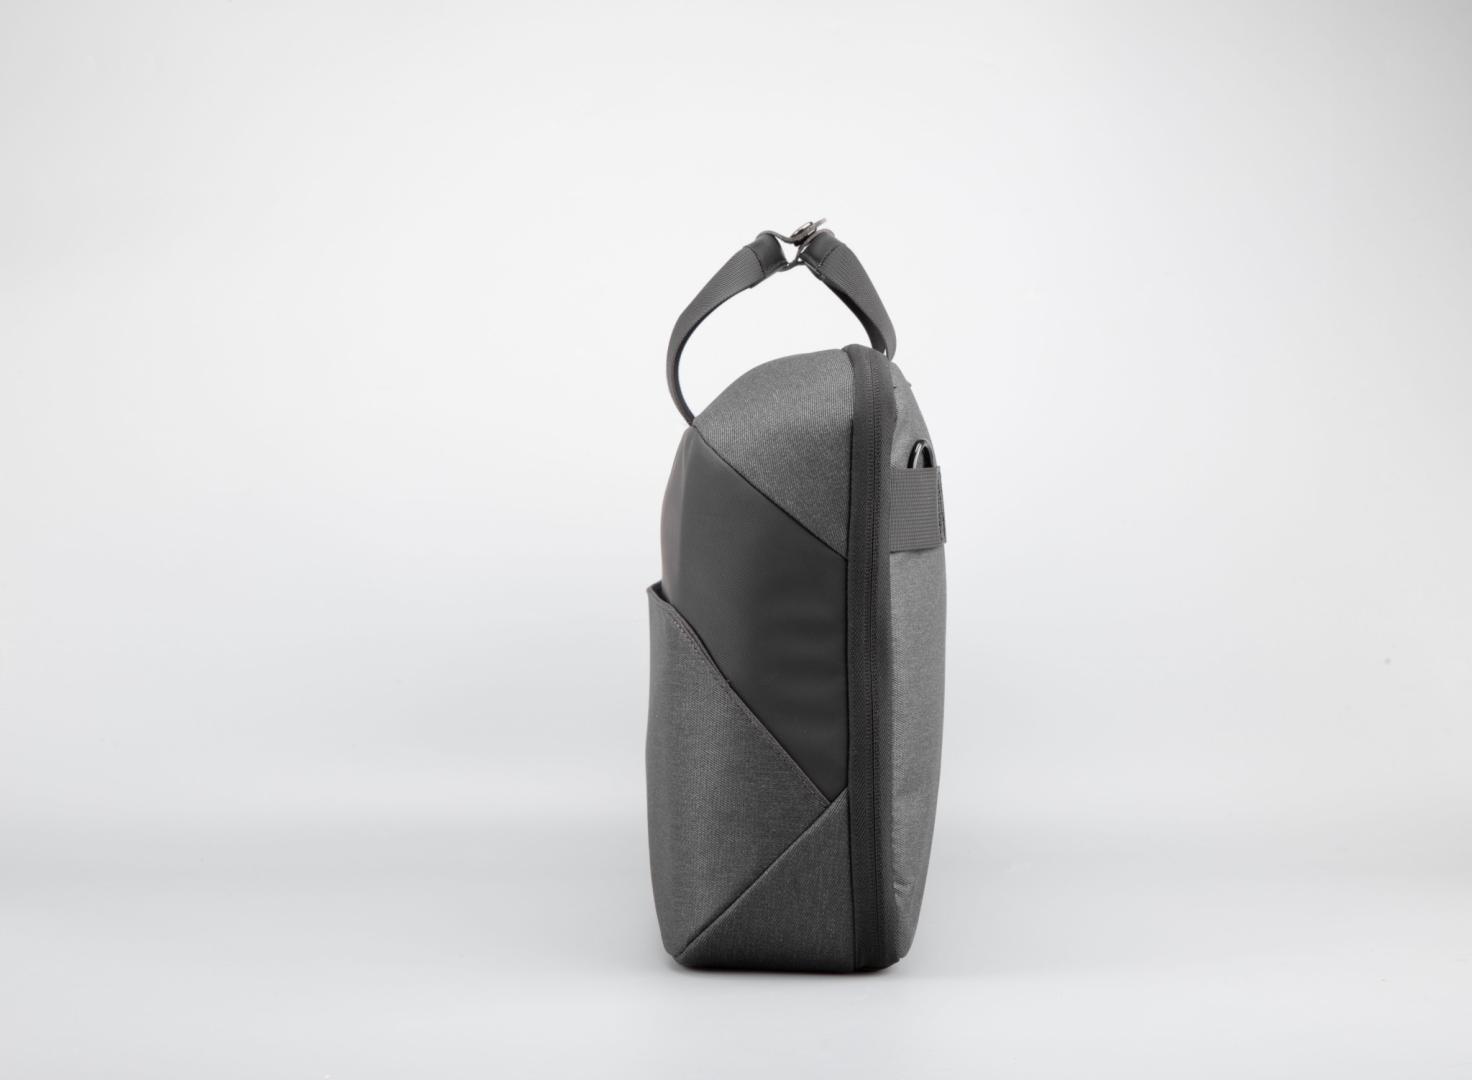 """Geanta notebook Serioux, SMART TRAVEL ST9610, dimensiuni 43 x 11 x 30 cm, rezistent la apa, compartimente multiple, compartimet laptop pana la 15.6"""", bretea spate pentru prindere troller, curea de umar ajustabila, material poliester - imaginea 3"""